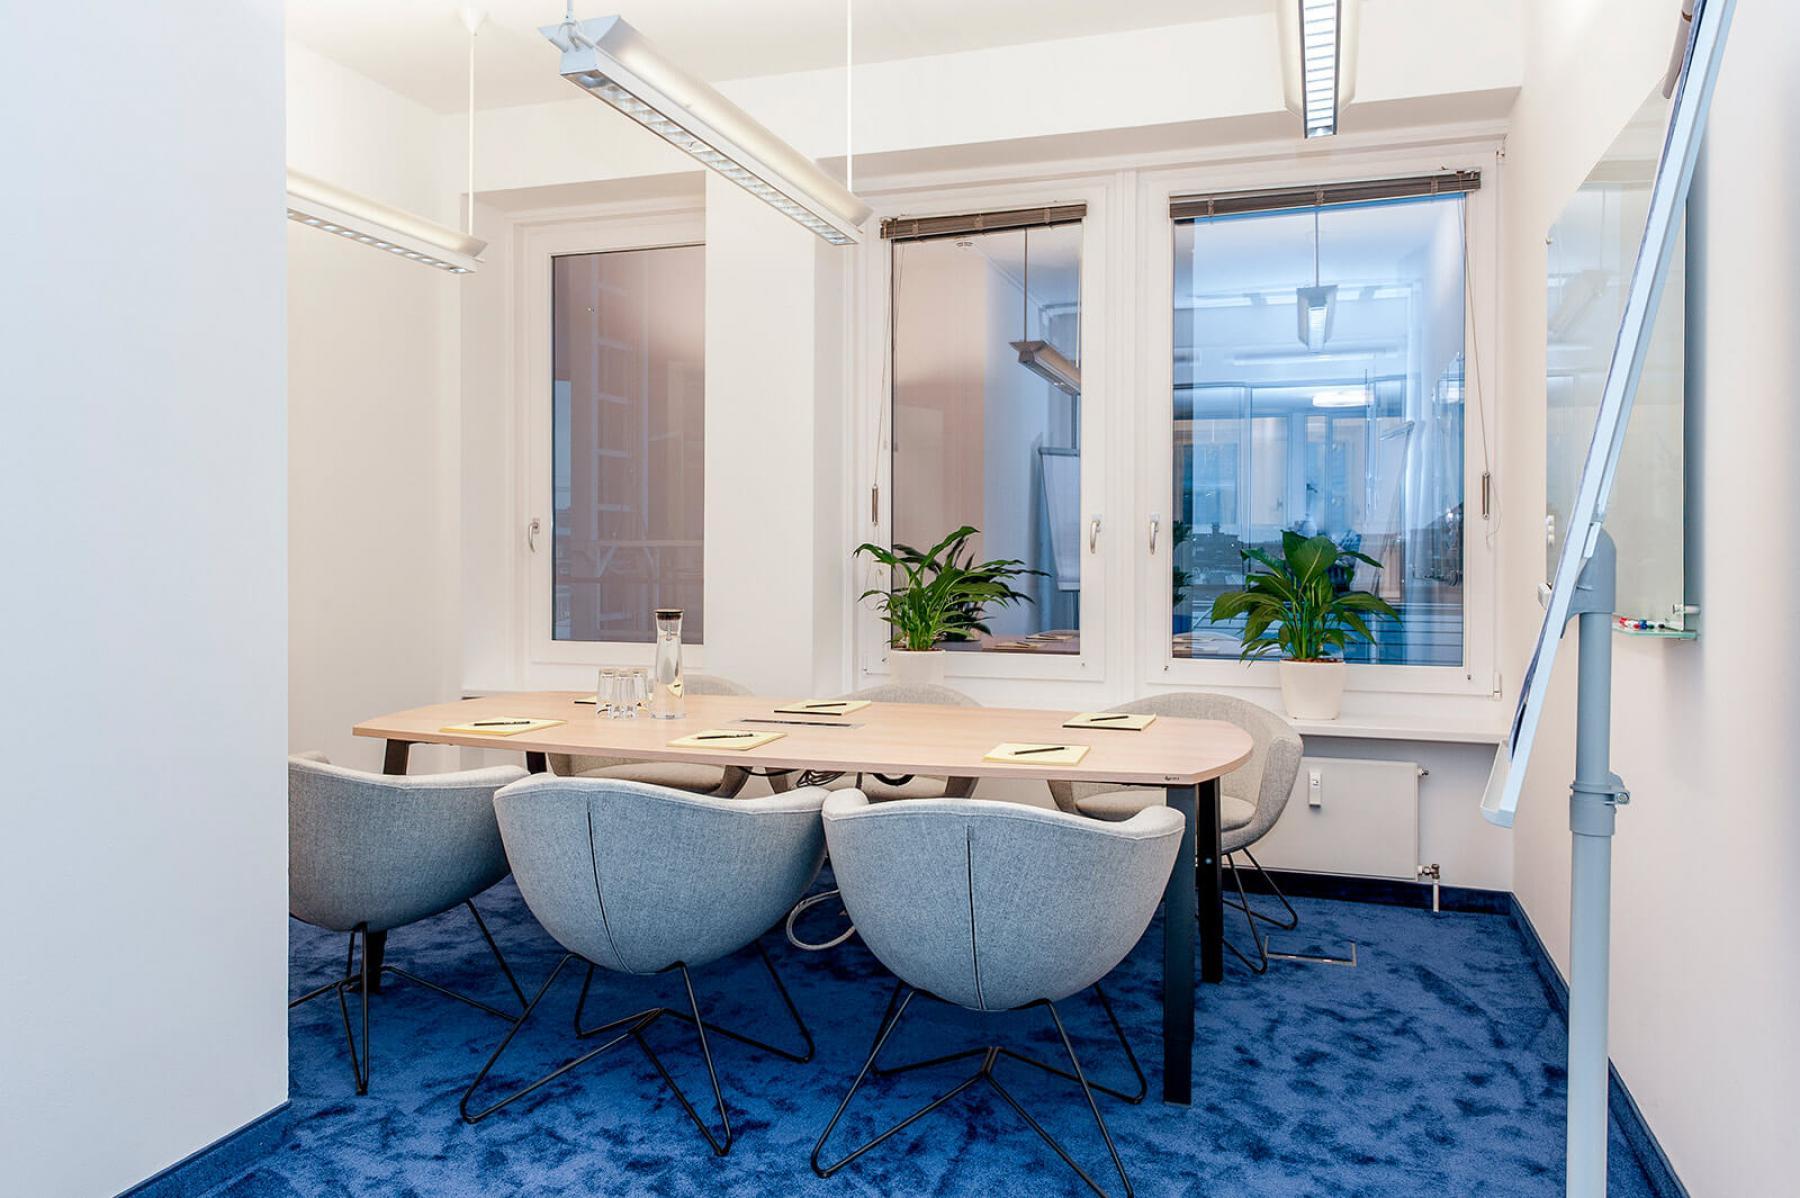 Konferenzraum in modern-sachlichem Design